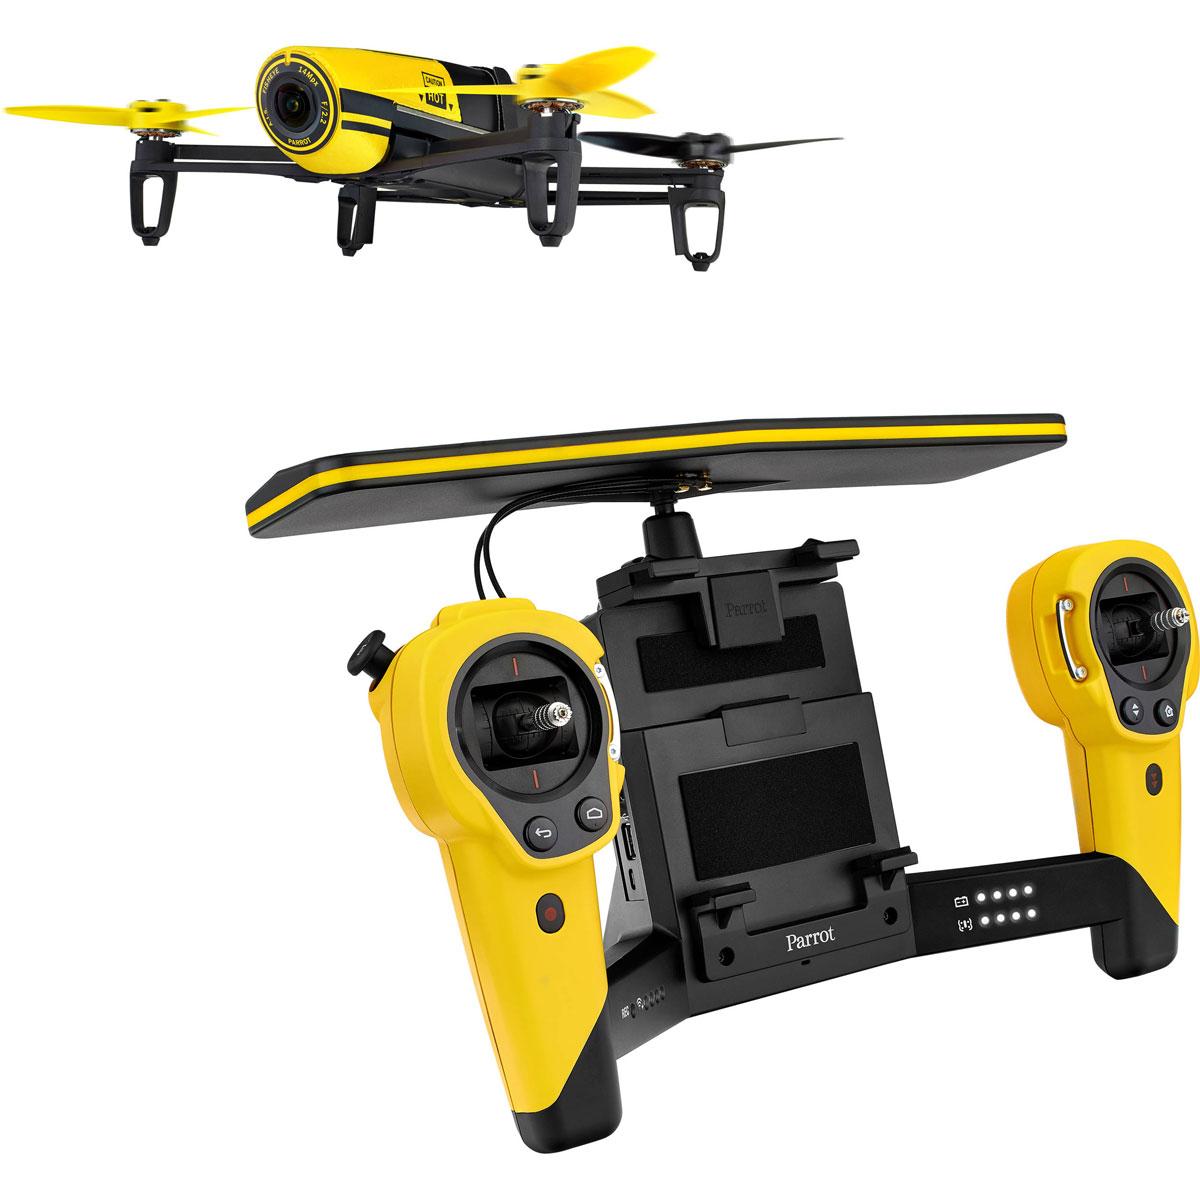 Parrot Квадрокоптер на радиоуправлении Bebop Drone + Skycontroller цвет желтыйPF725102Parrot Bebop Drone + Skycontroller - квадрокоптер с пультом дистанционного управления - полностью готовый набор для проведения видеосъёмки с качеством Full HD и фотосъемки с разрешением до 4096x3072 пикселей. Комплект позволяет осуществлять управление полётом на расстоянии до двух километров, при этом максимальная скорость квадрокоптера составляет 47 км/ч. Революционный пульт дистанционного управления Parrot Skycontroller оснащён мощной двойной Wi-Fi антенной, высокоточными джойстиками управления, манипуляторами для навигации в меню FPV и цифрового управления камерой с углом обзора 180°, а также раздвижным креплением для установки планшета или смартфона. Благодаря наличию на пульте специальной кнопки домой можно возвращать квадрокоптер на точку взлета. Устройство укомплектовано складным колпаком для защиты экрана от бликов в солнечную погоду. Parrot Bebop Drone - многофункциональный квадрокоптер, имеющий прочный каркас из ABS-пластика, весящий ...